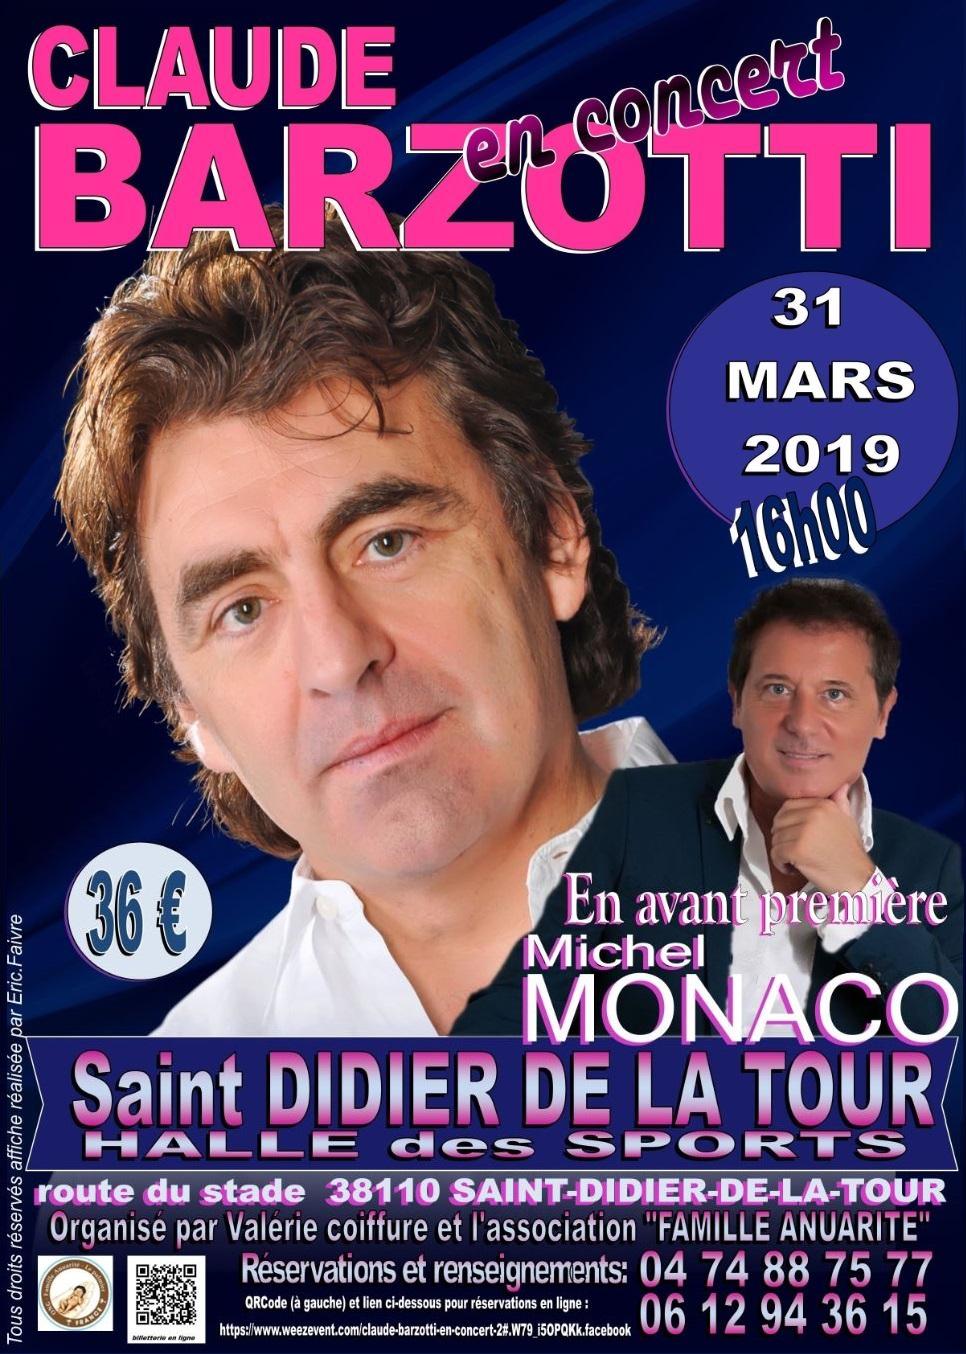 Affiche officielle 31 mars 2019 st didier de la tour concert barzotti